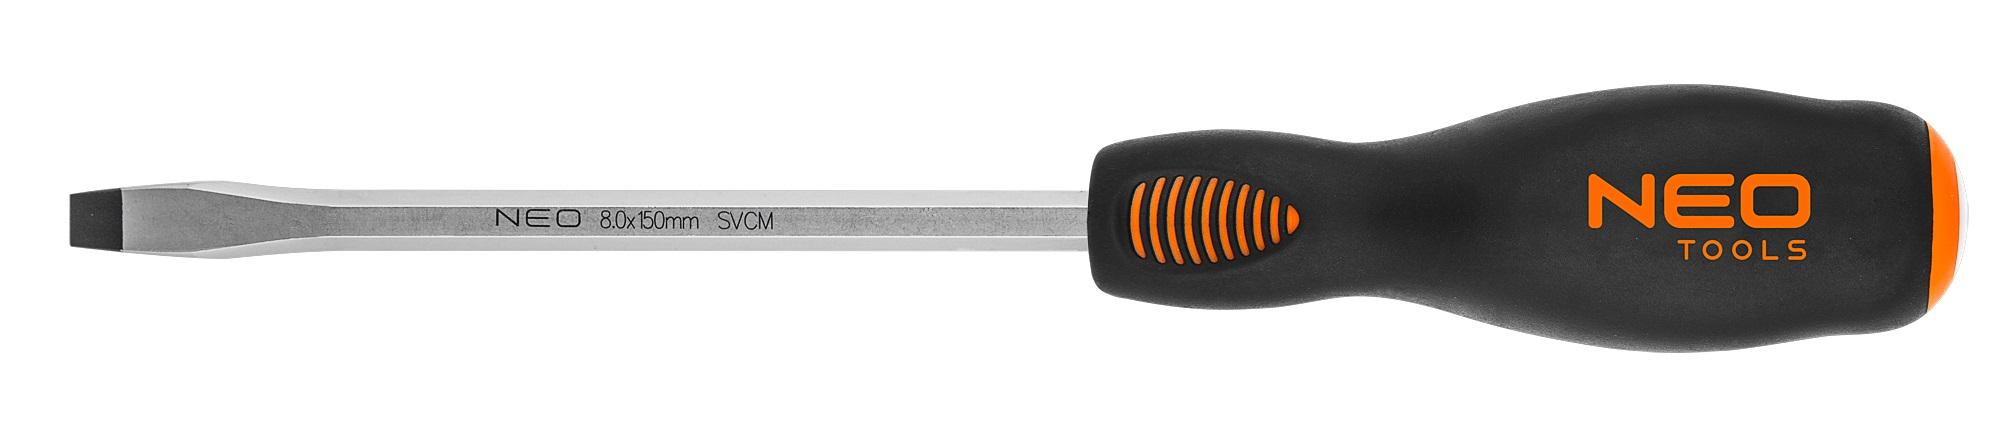 Neo Tools 04-020 Викрутка шлiцева ударна 8.0x150 мм, CrMo